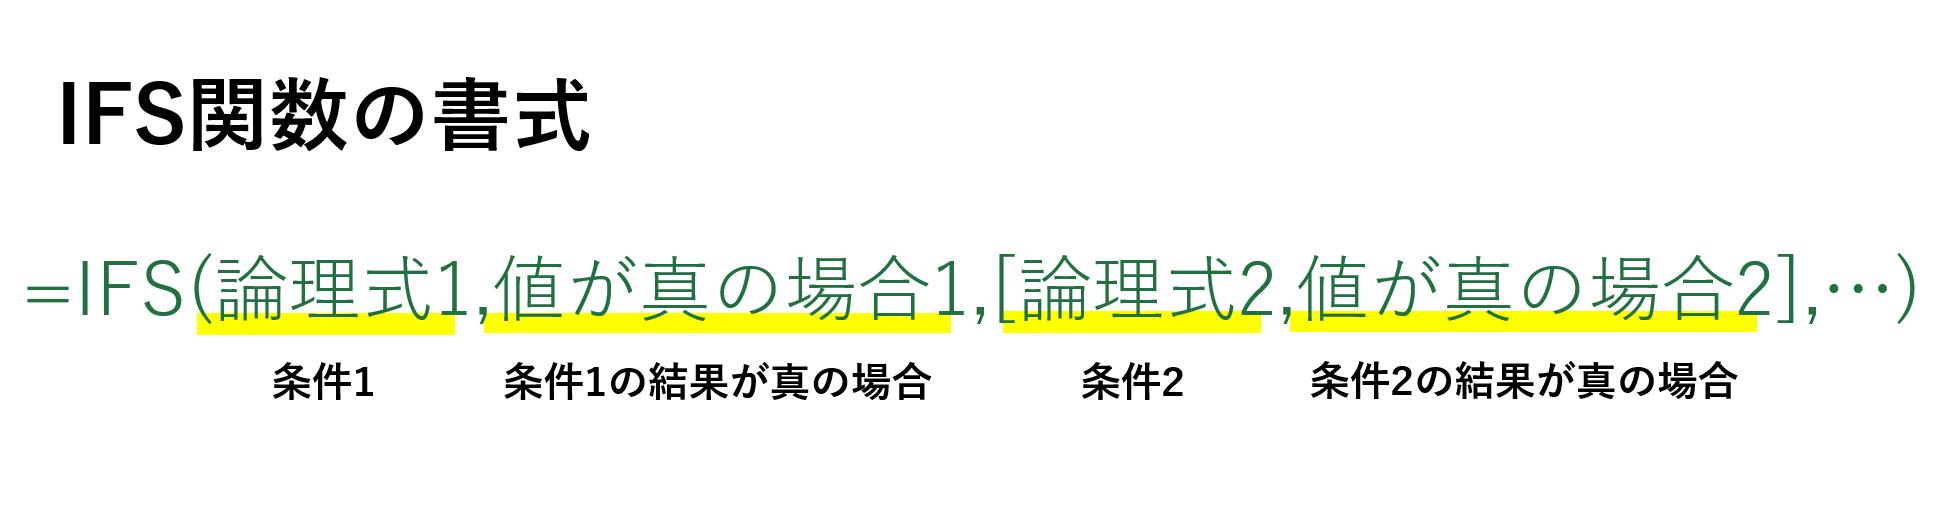 IFS関数の書式